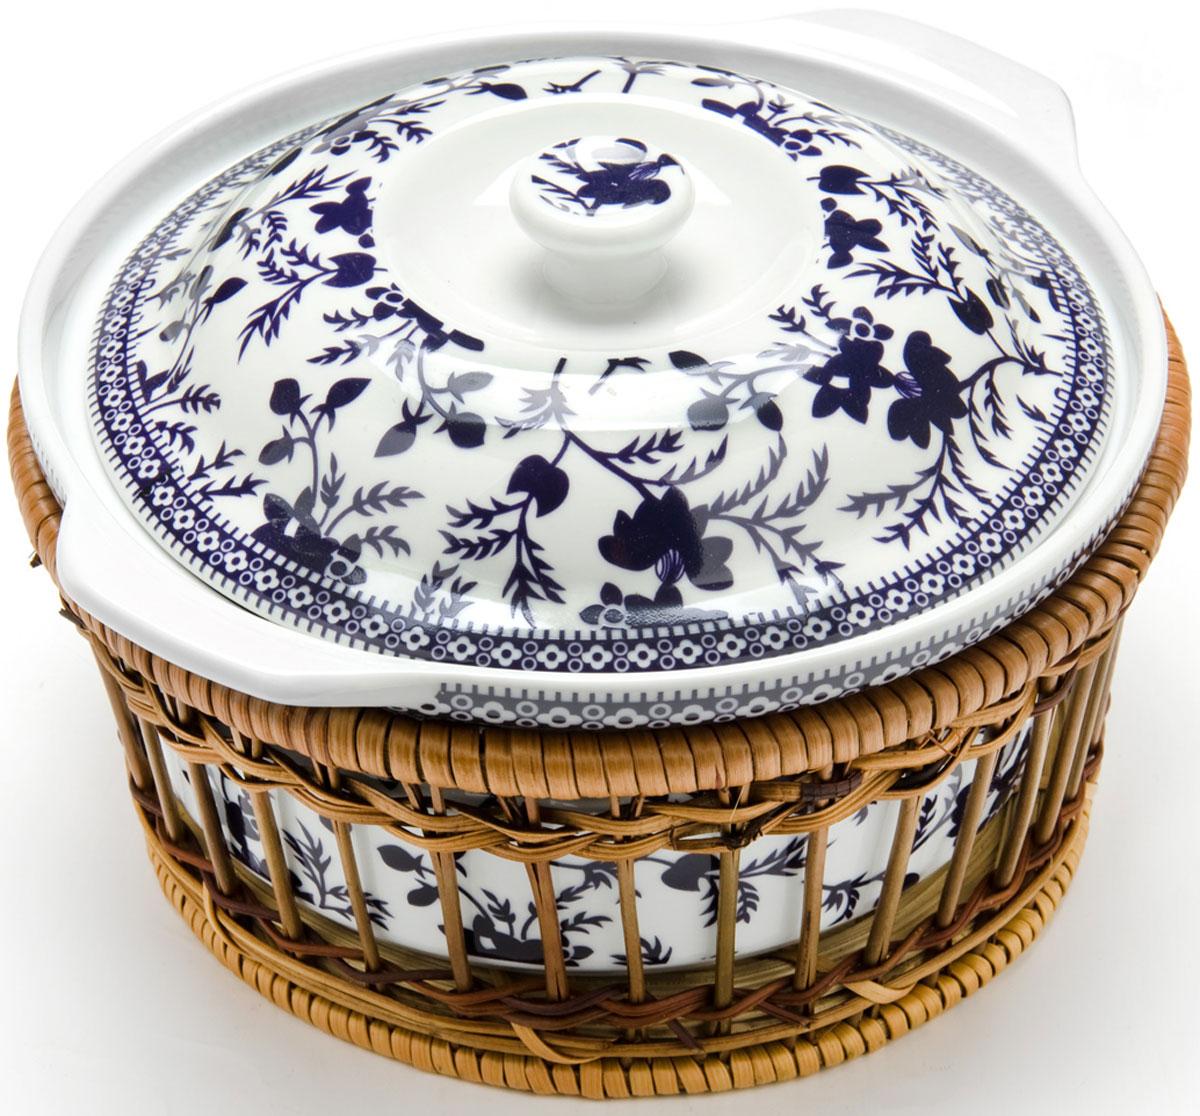 Кастрюля Mayer & Boch, 2,5 л. 2479468/5/2Кастрюля для запекания Mayer & Boch выполнена из высококачественного фарфора белого цвета и оформлена красочным изображением цветов. Кастрюля оснащена удобными ручками и крышкой. Плетеная корзина, в которую вставляется кастрюля, послужит красивой и оригинальной подставкой. Фарфоровая посуда выдерживает высокие перепады температуры, поэтому ее можно использовать в духовке, микроволновой печи, а также для хранения пищи в холодильнике. Можно мыть в посудомоечной машине.Диаметр: 23 см.Объем кастрюли: 2,5 л.